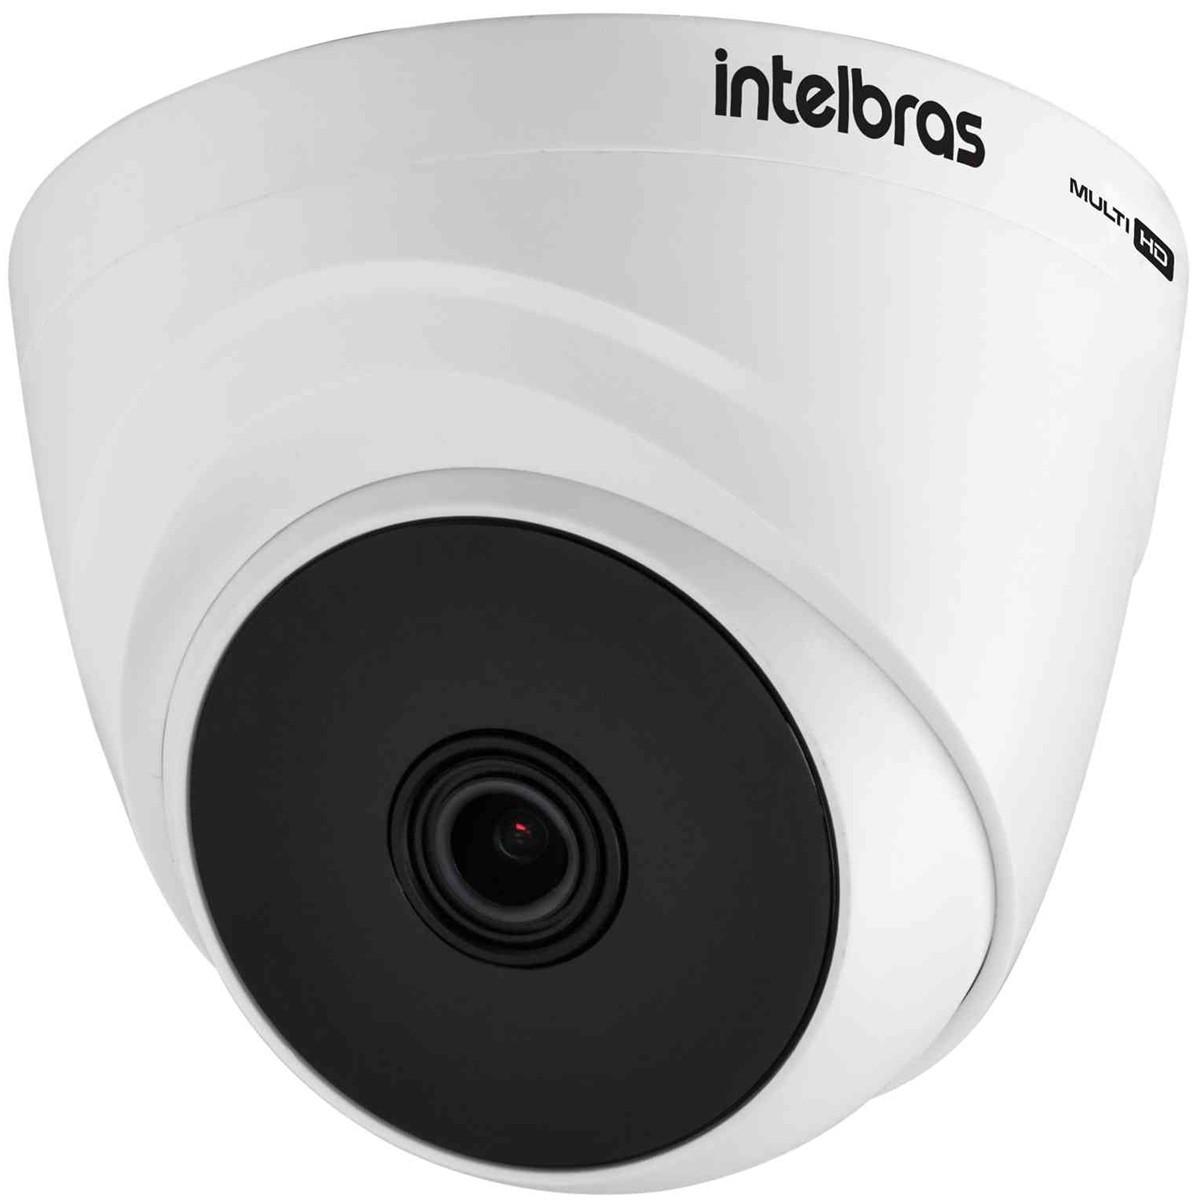 Câmera de Segurança Intelbras Multi HD VHD 1120D G5 HD 720p Lente 3,6mm